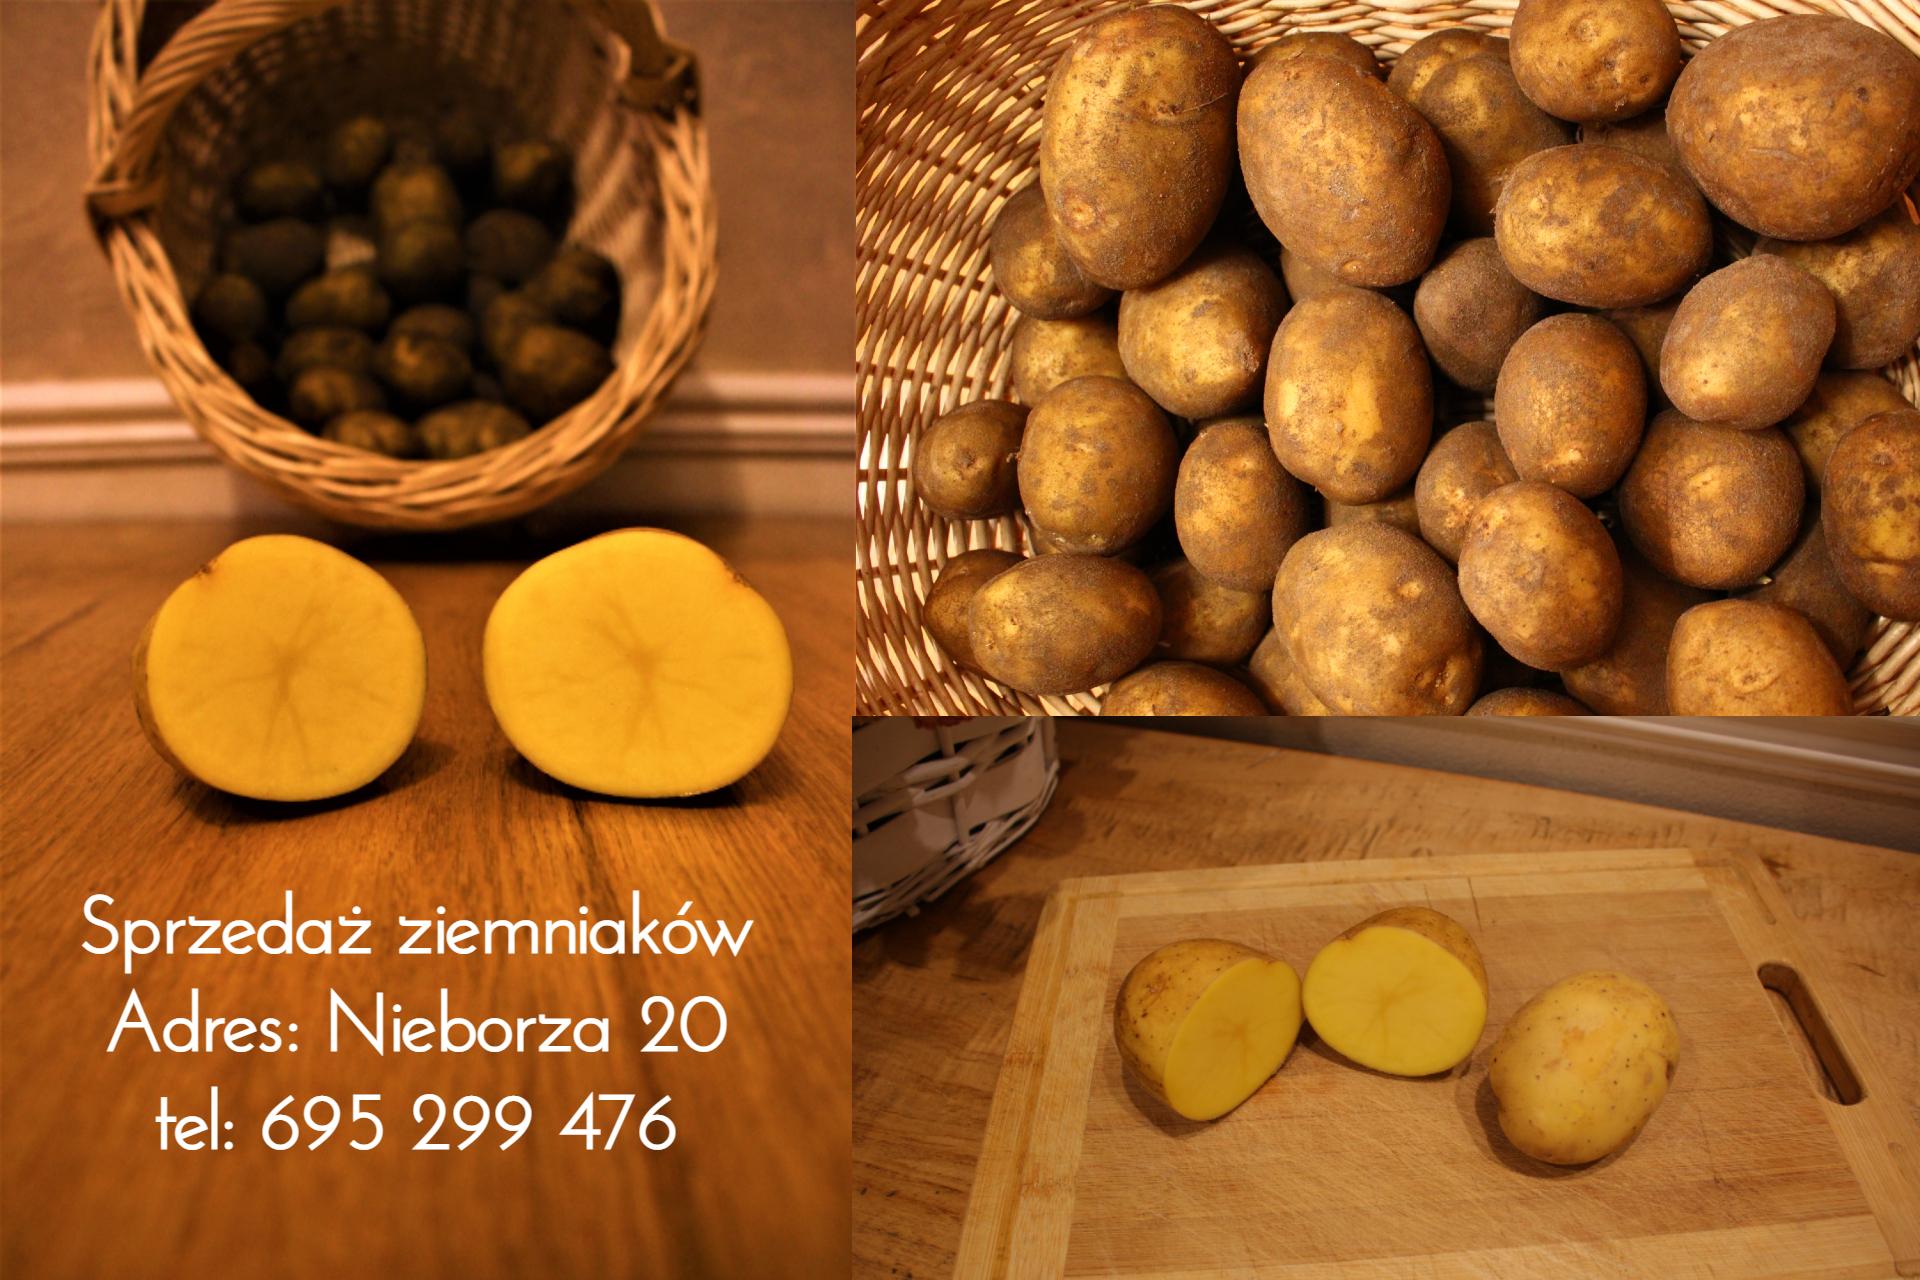 Ziemniaki sprzedaż